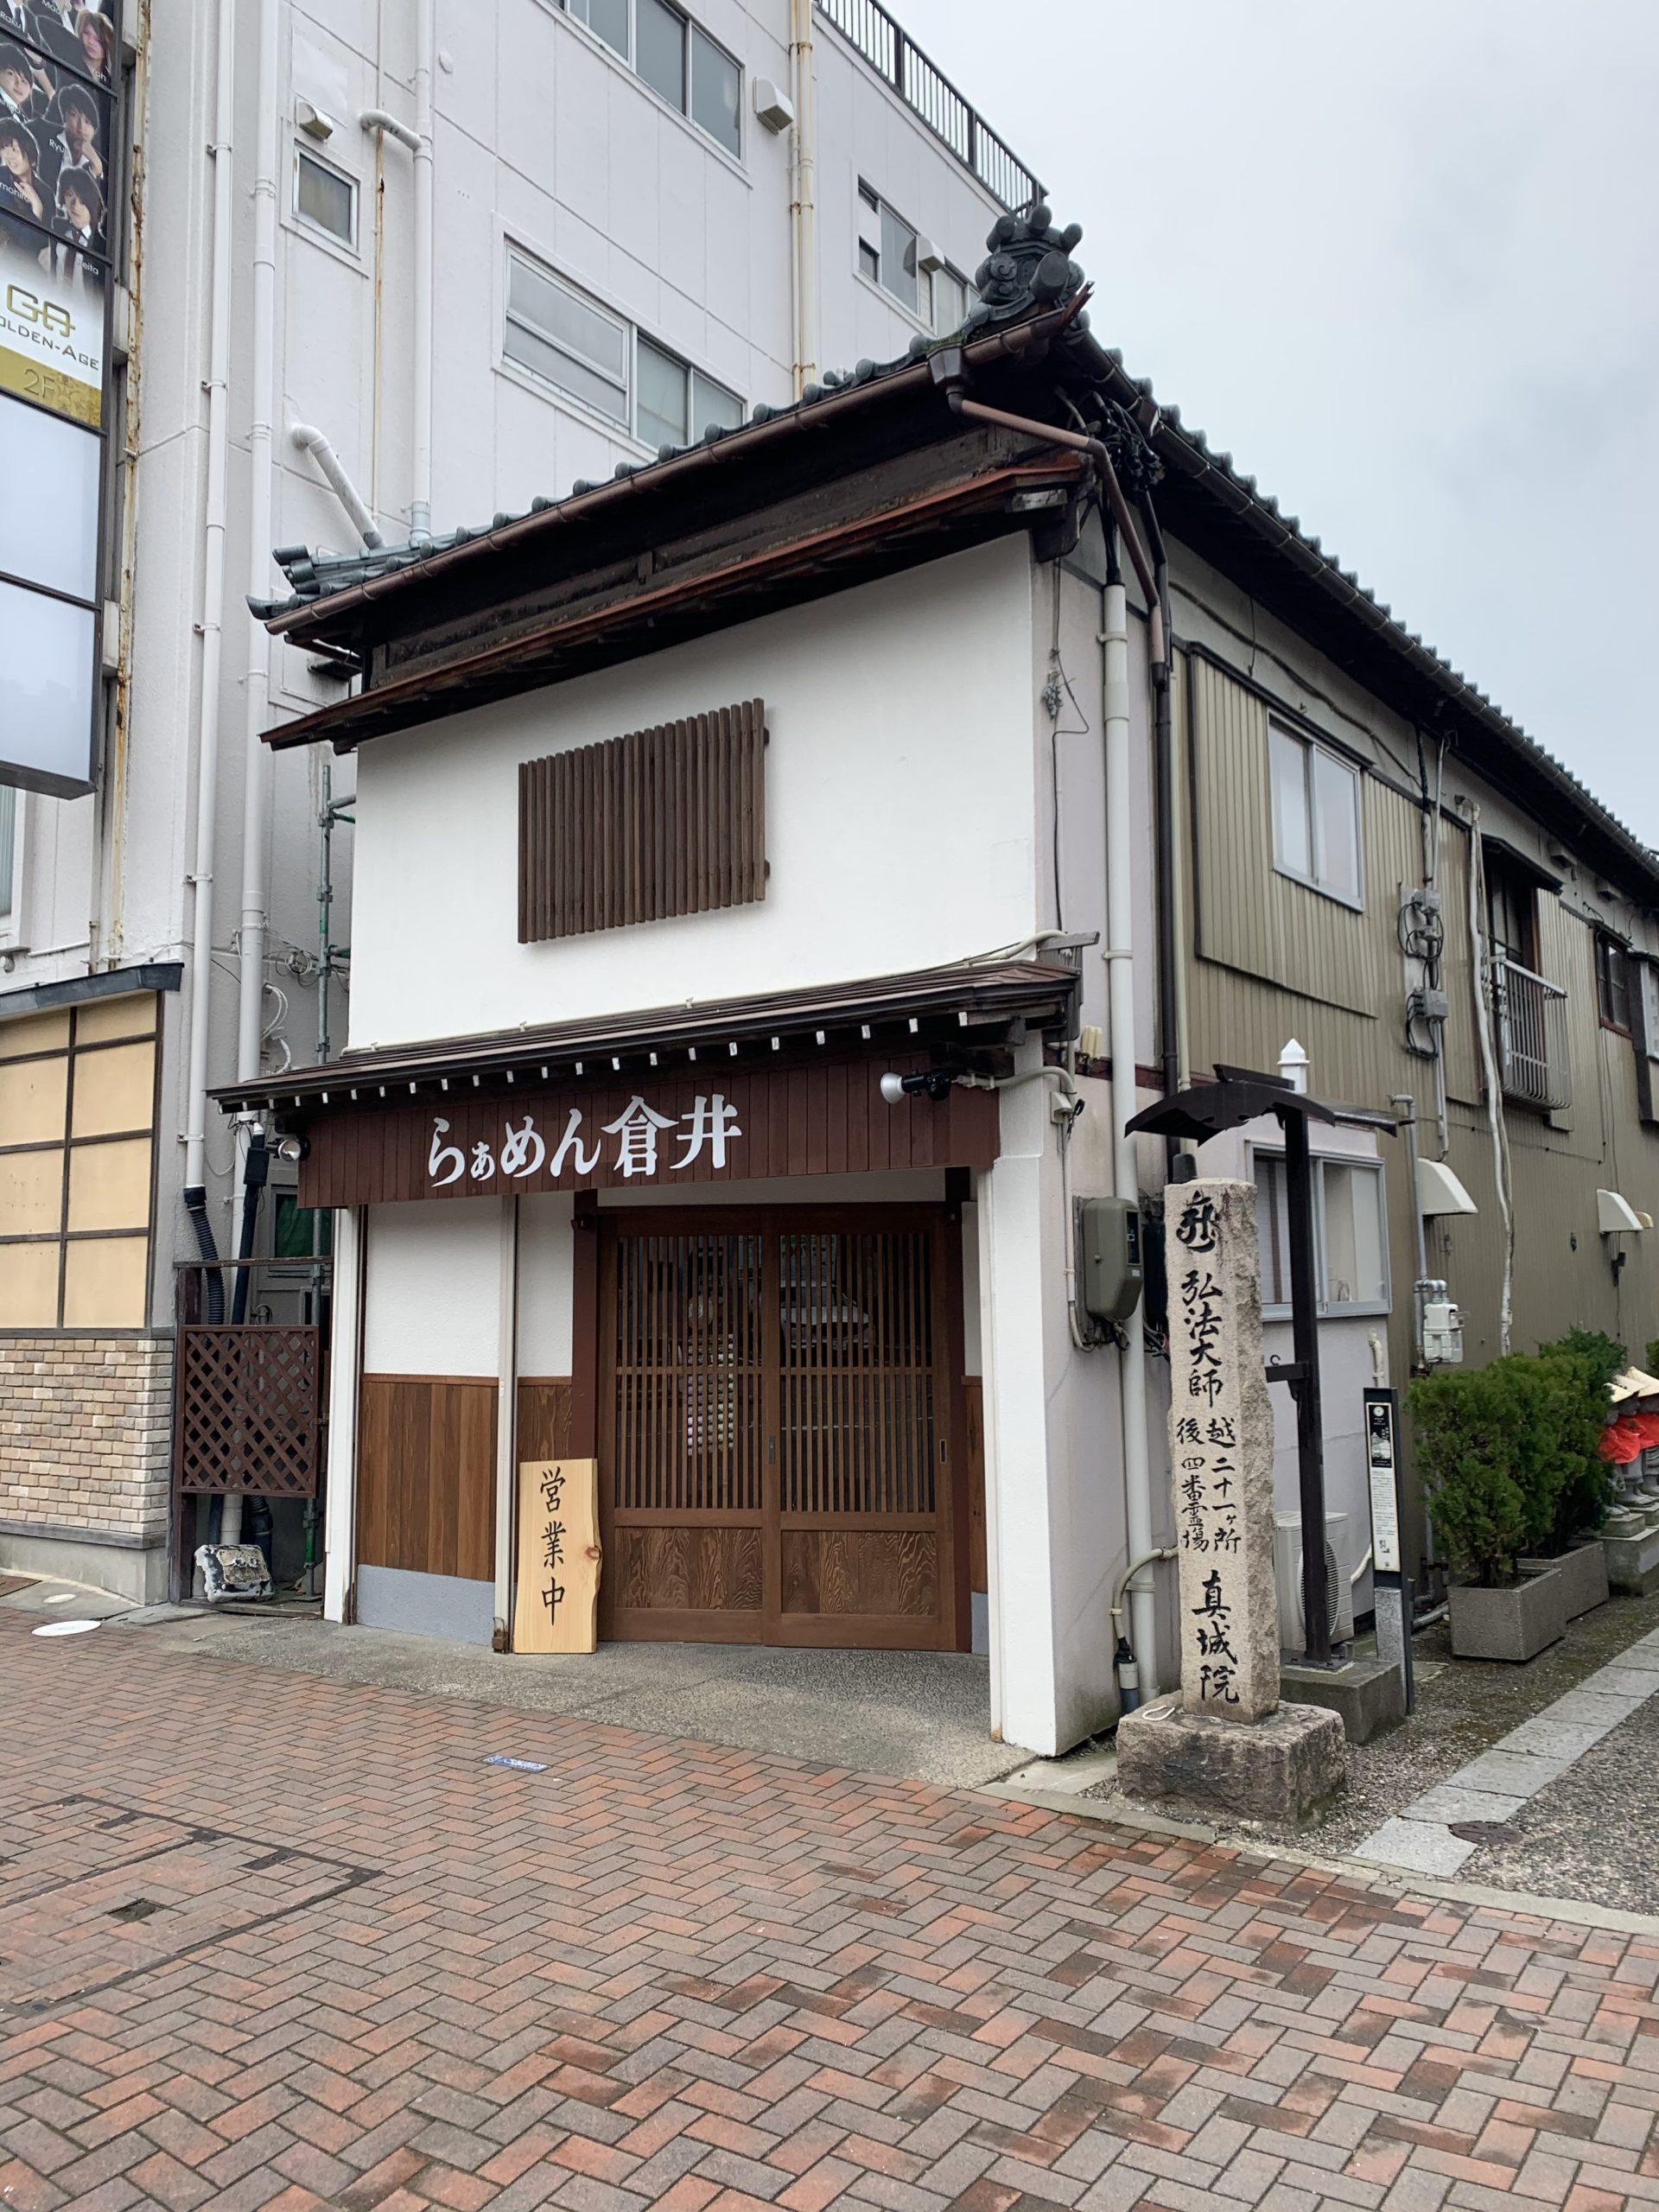 【新潟市ラーメン】中央区西堀前通 らぁめん倉井さんに行ってきた!